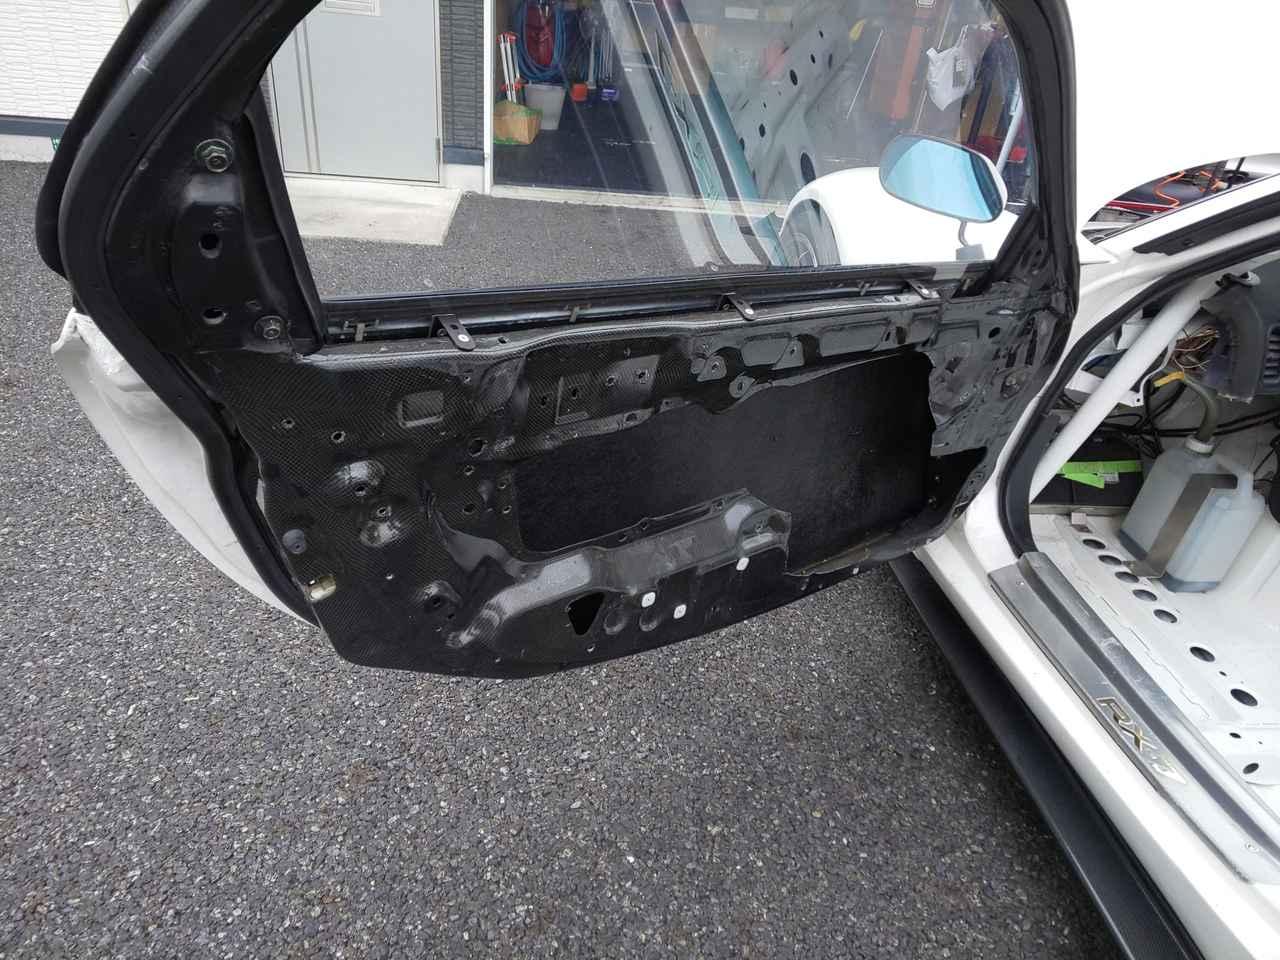 画像: ドアもカーボンをふんだんに使用して軽量化に貢献。これだけで10kg以上の軽量化がされているのでは? 窓ガラスは当然アクリルの嵌め殺しです。